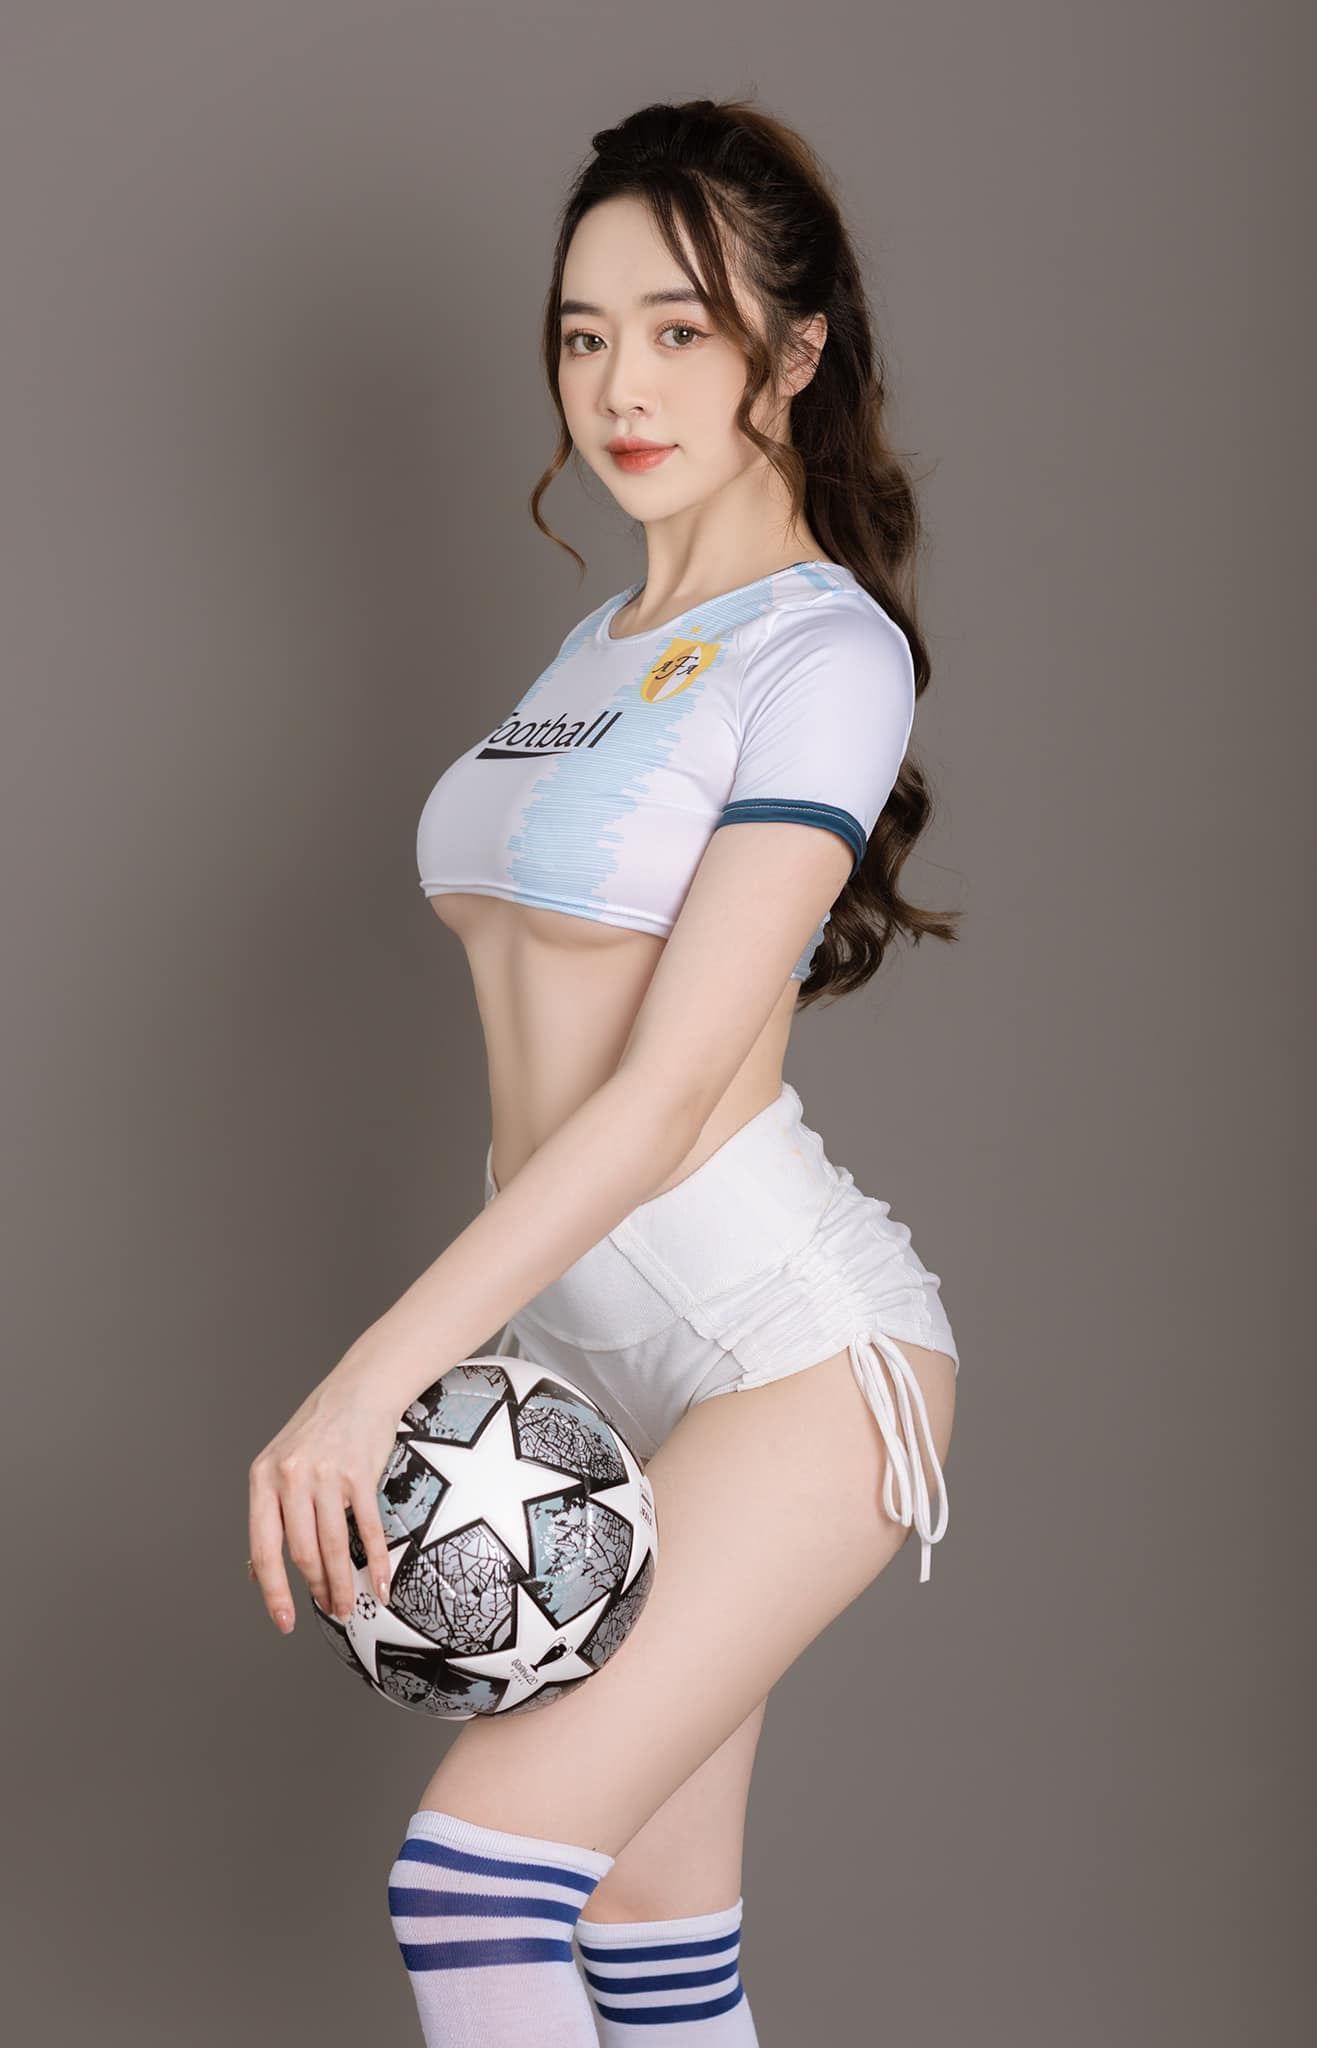 Người mẫu Quảng Ninh mặc trang phục ủng hộ Euro - Hằng Habi